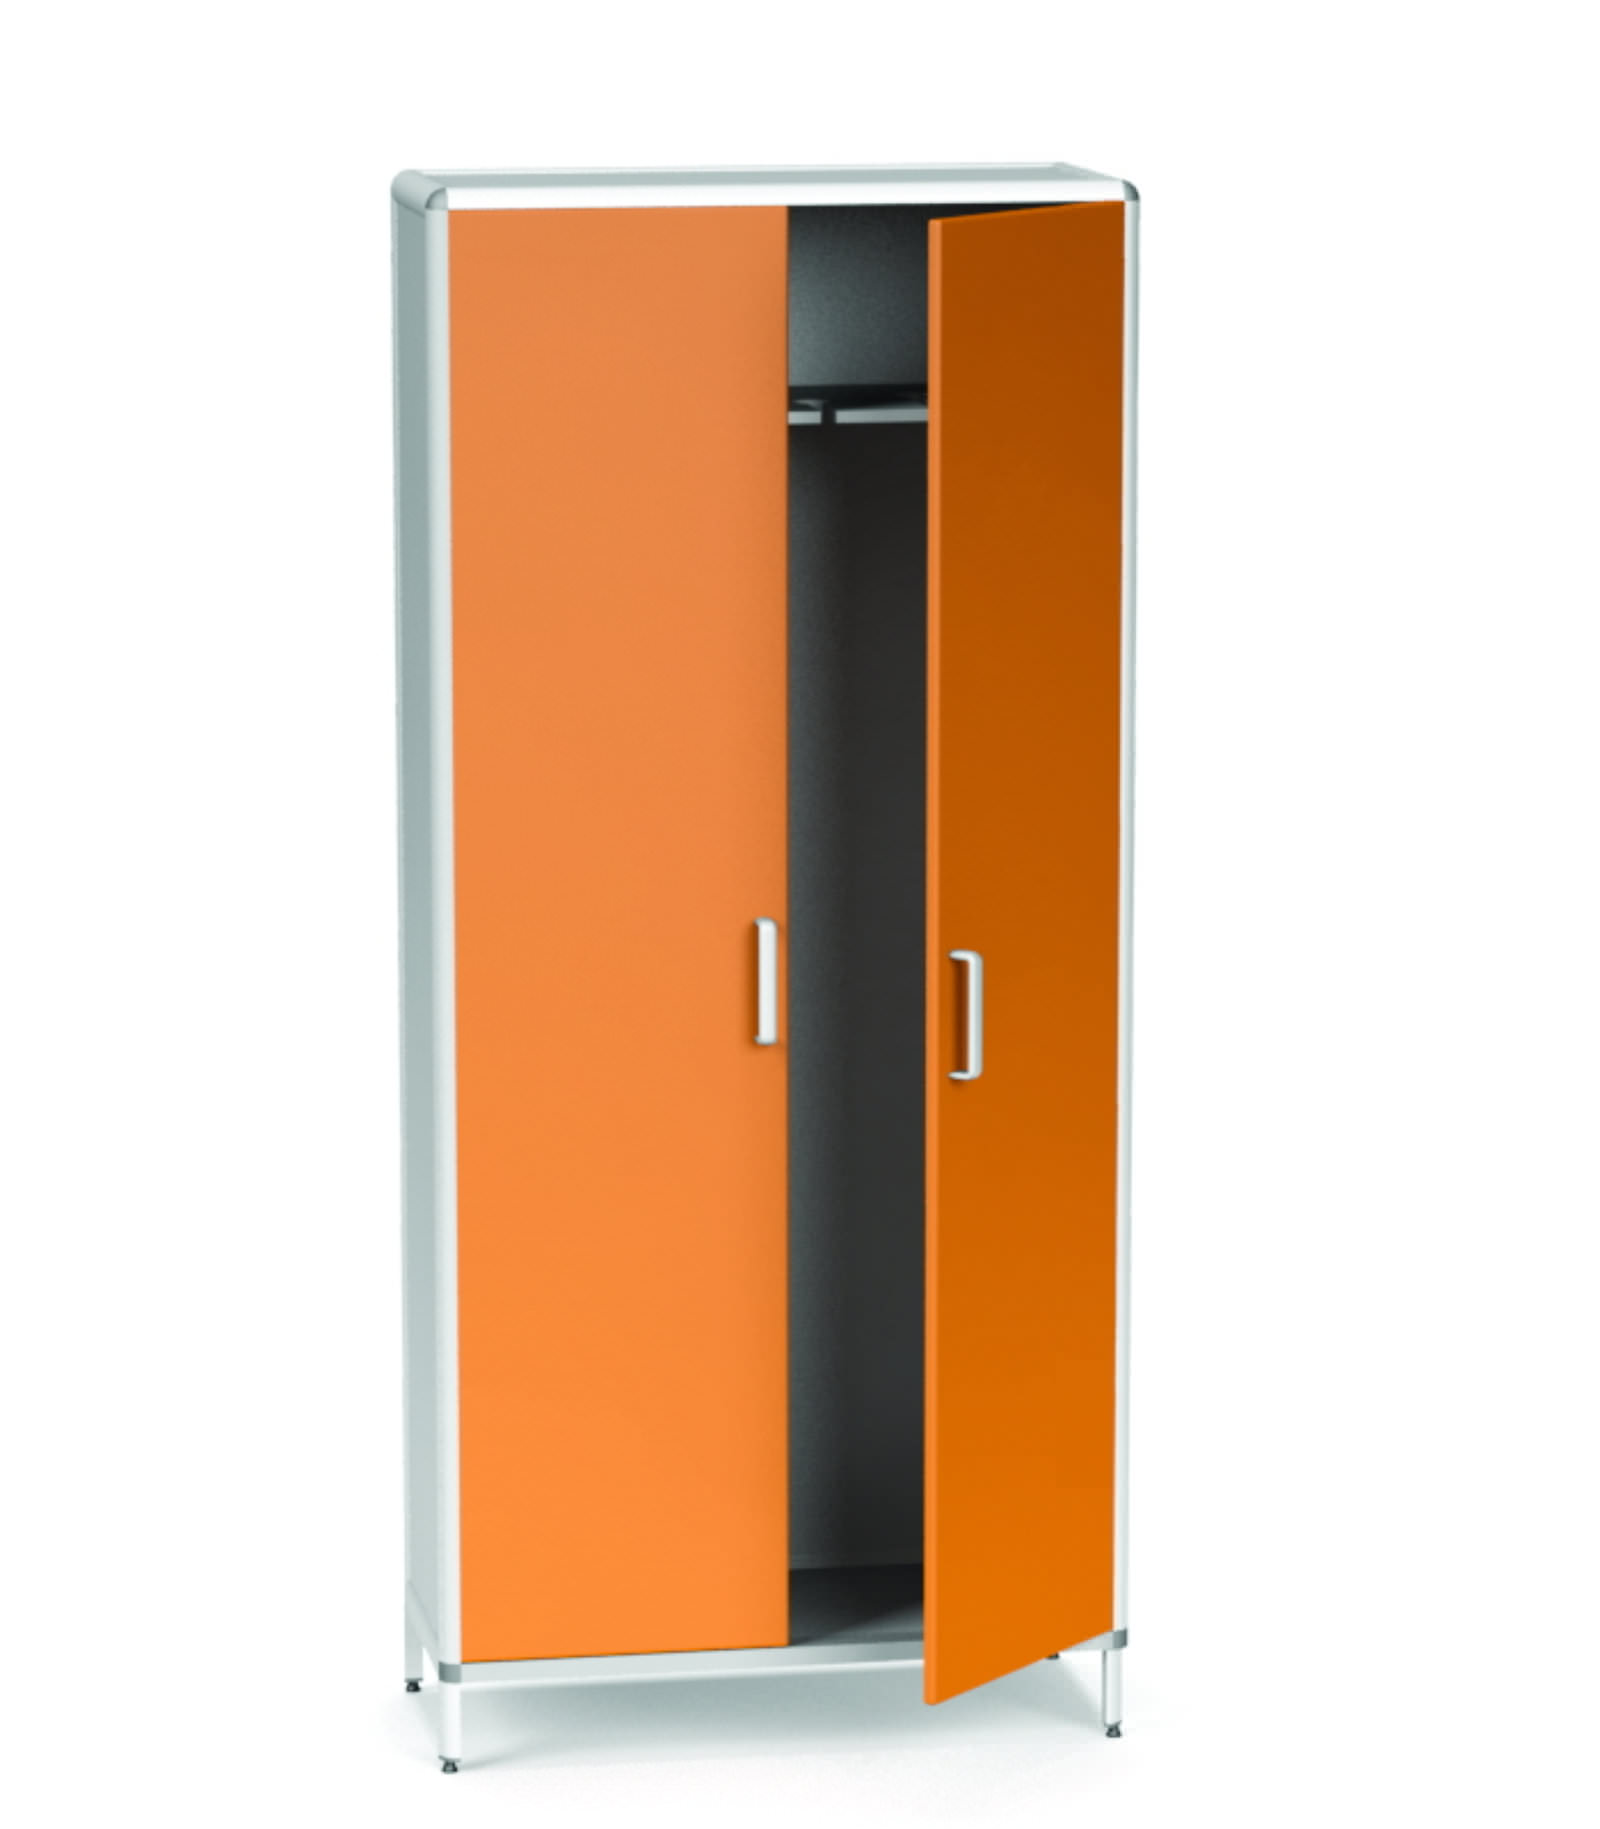 Шкаф для хранения эндоскопов ДМ-2-001-35